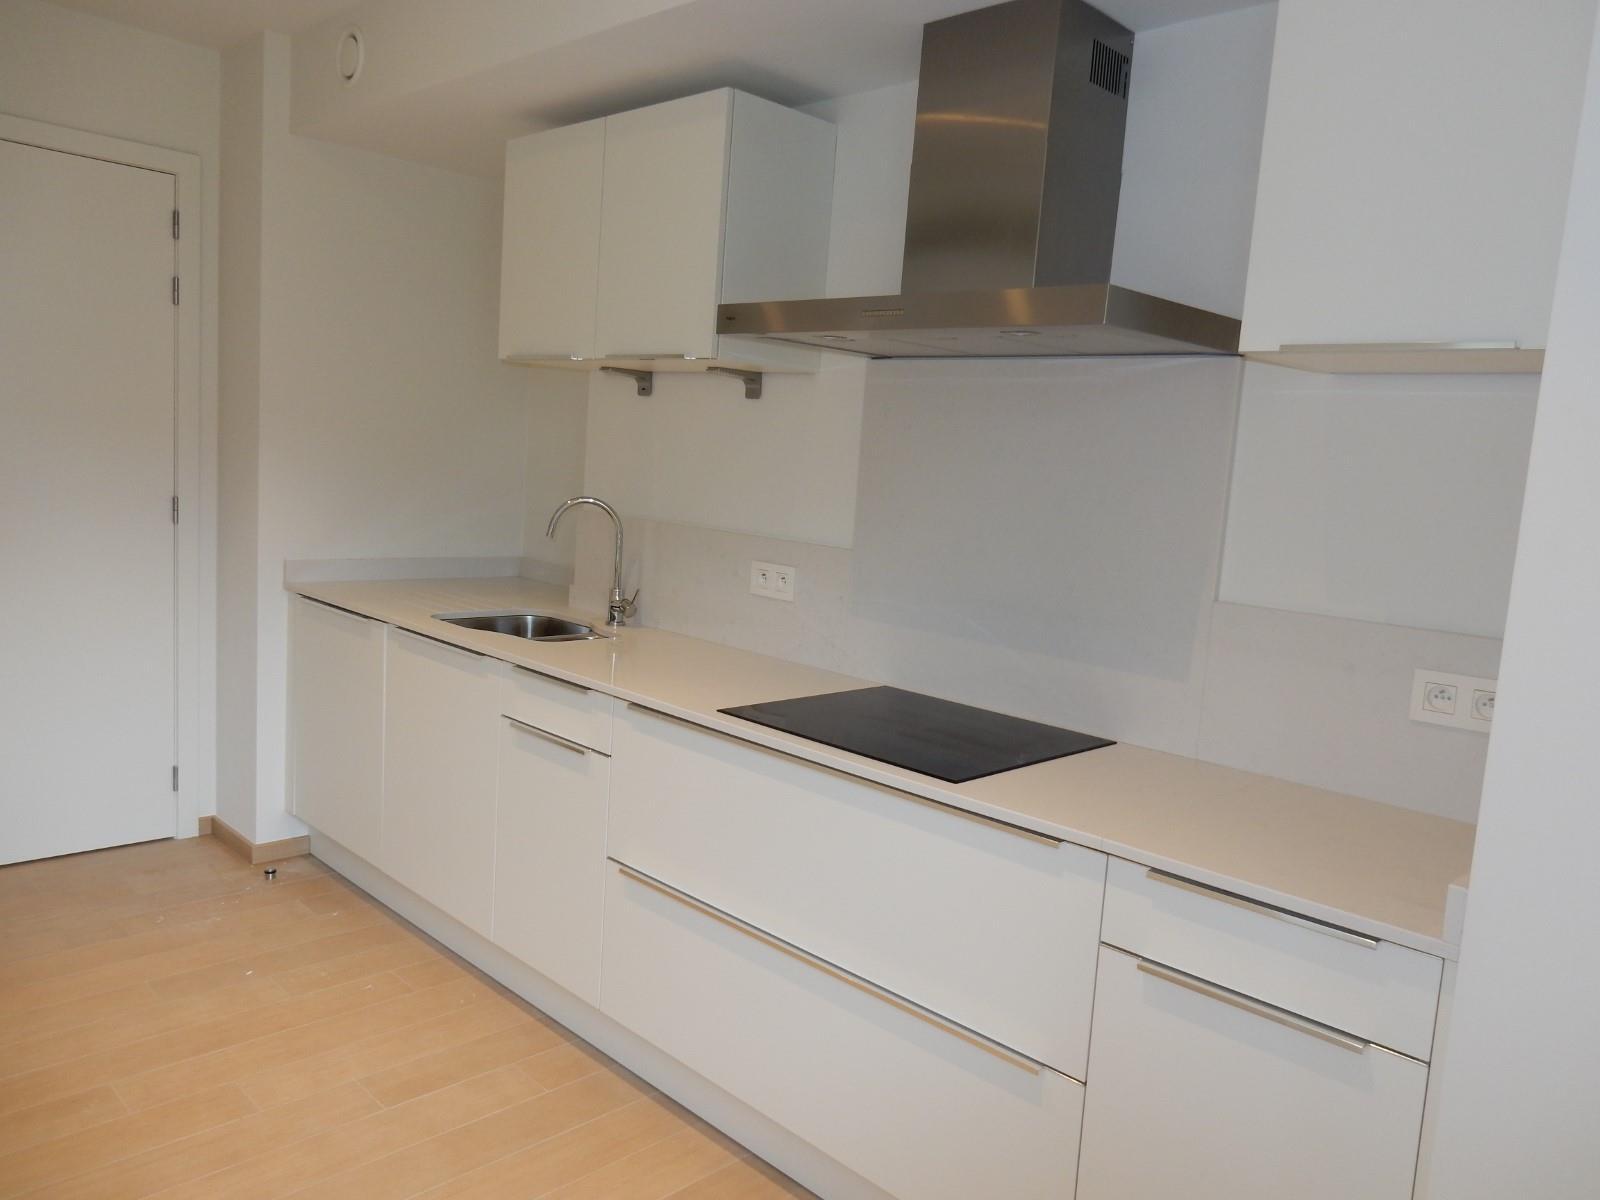 Appartement exceptionnel - Ixelles - #3791385-10